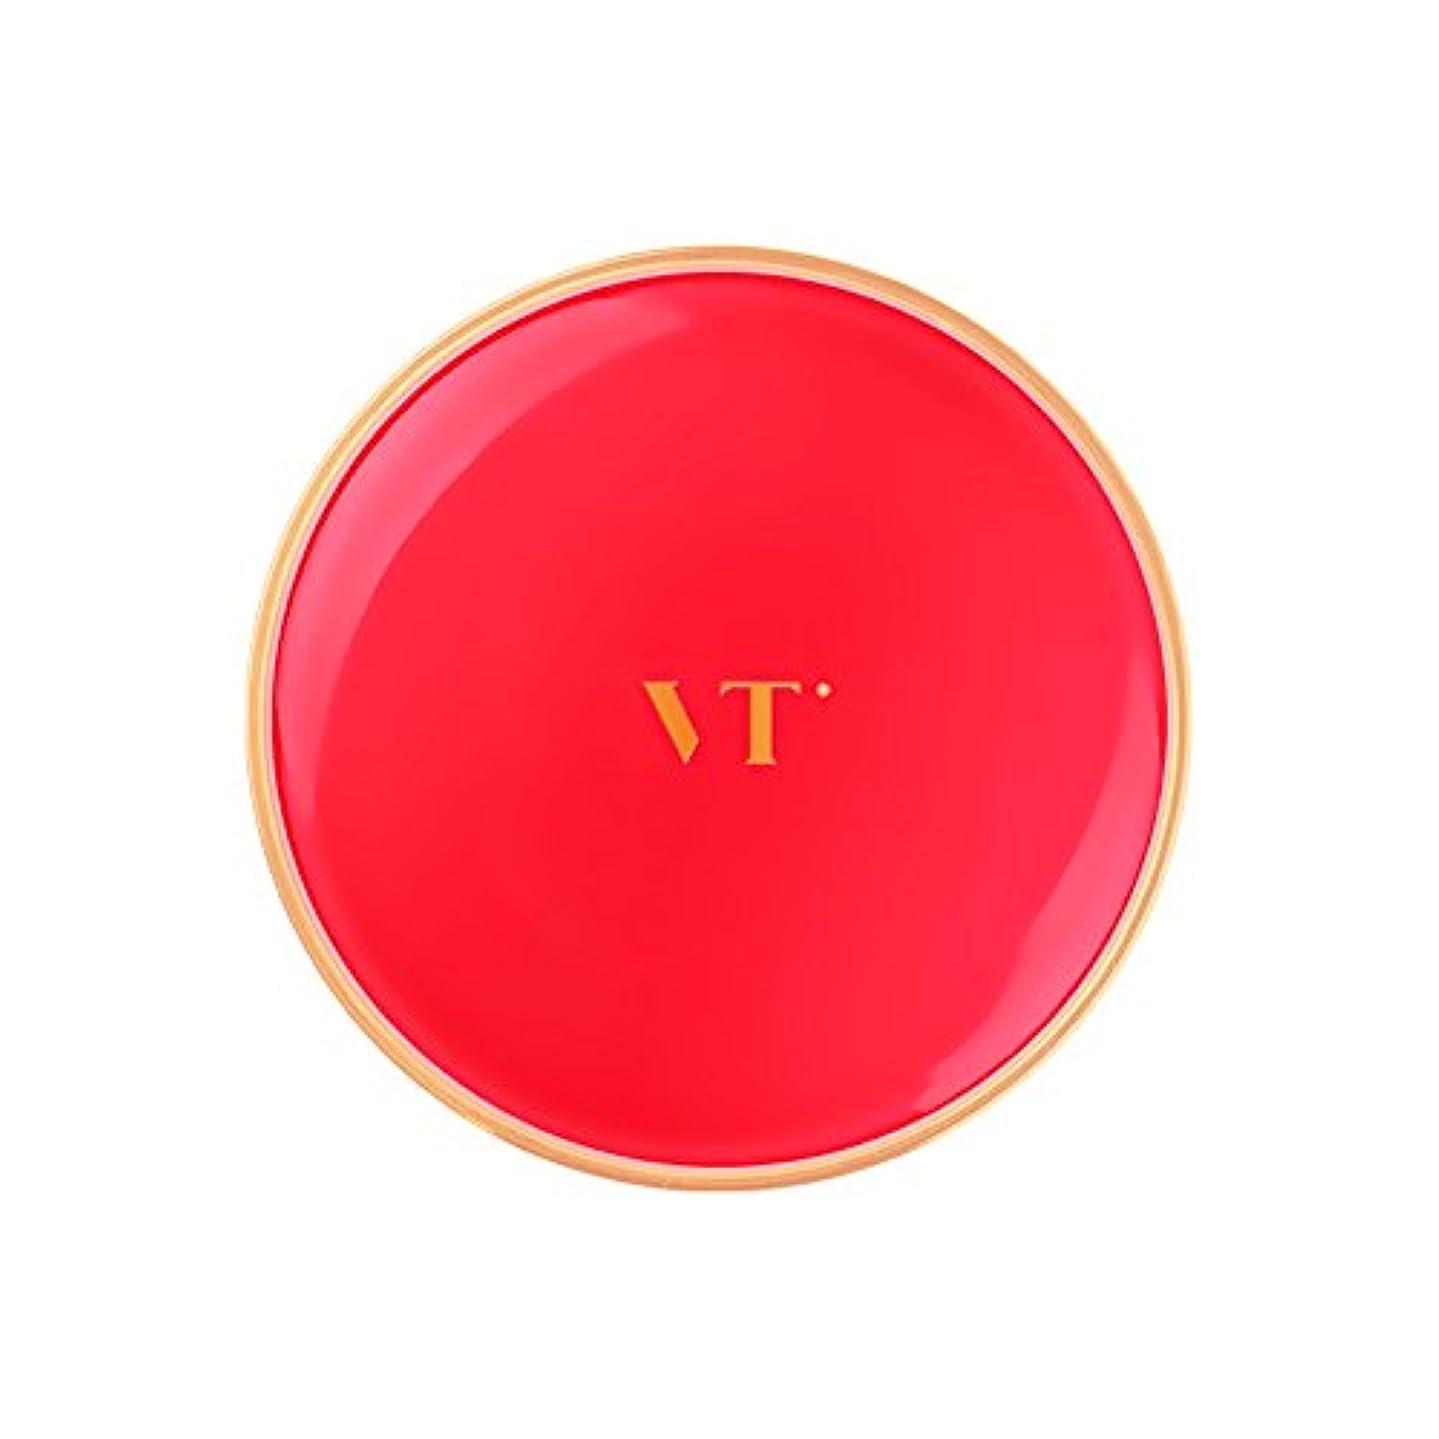 協力修羅場脱獄VT Berry Collagen Pact 11g (#21)/ブイティー ベリー コラーゲン パクト 11g (#21) [並行輸入品]